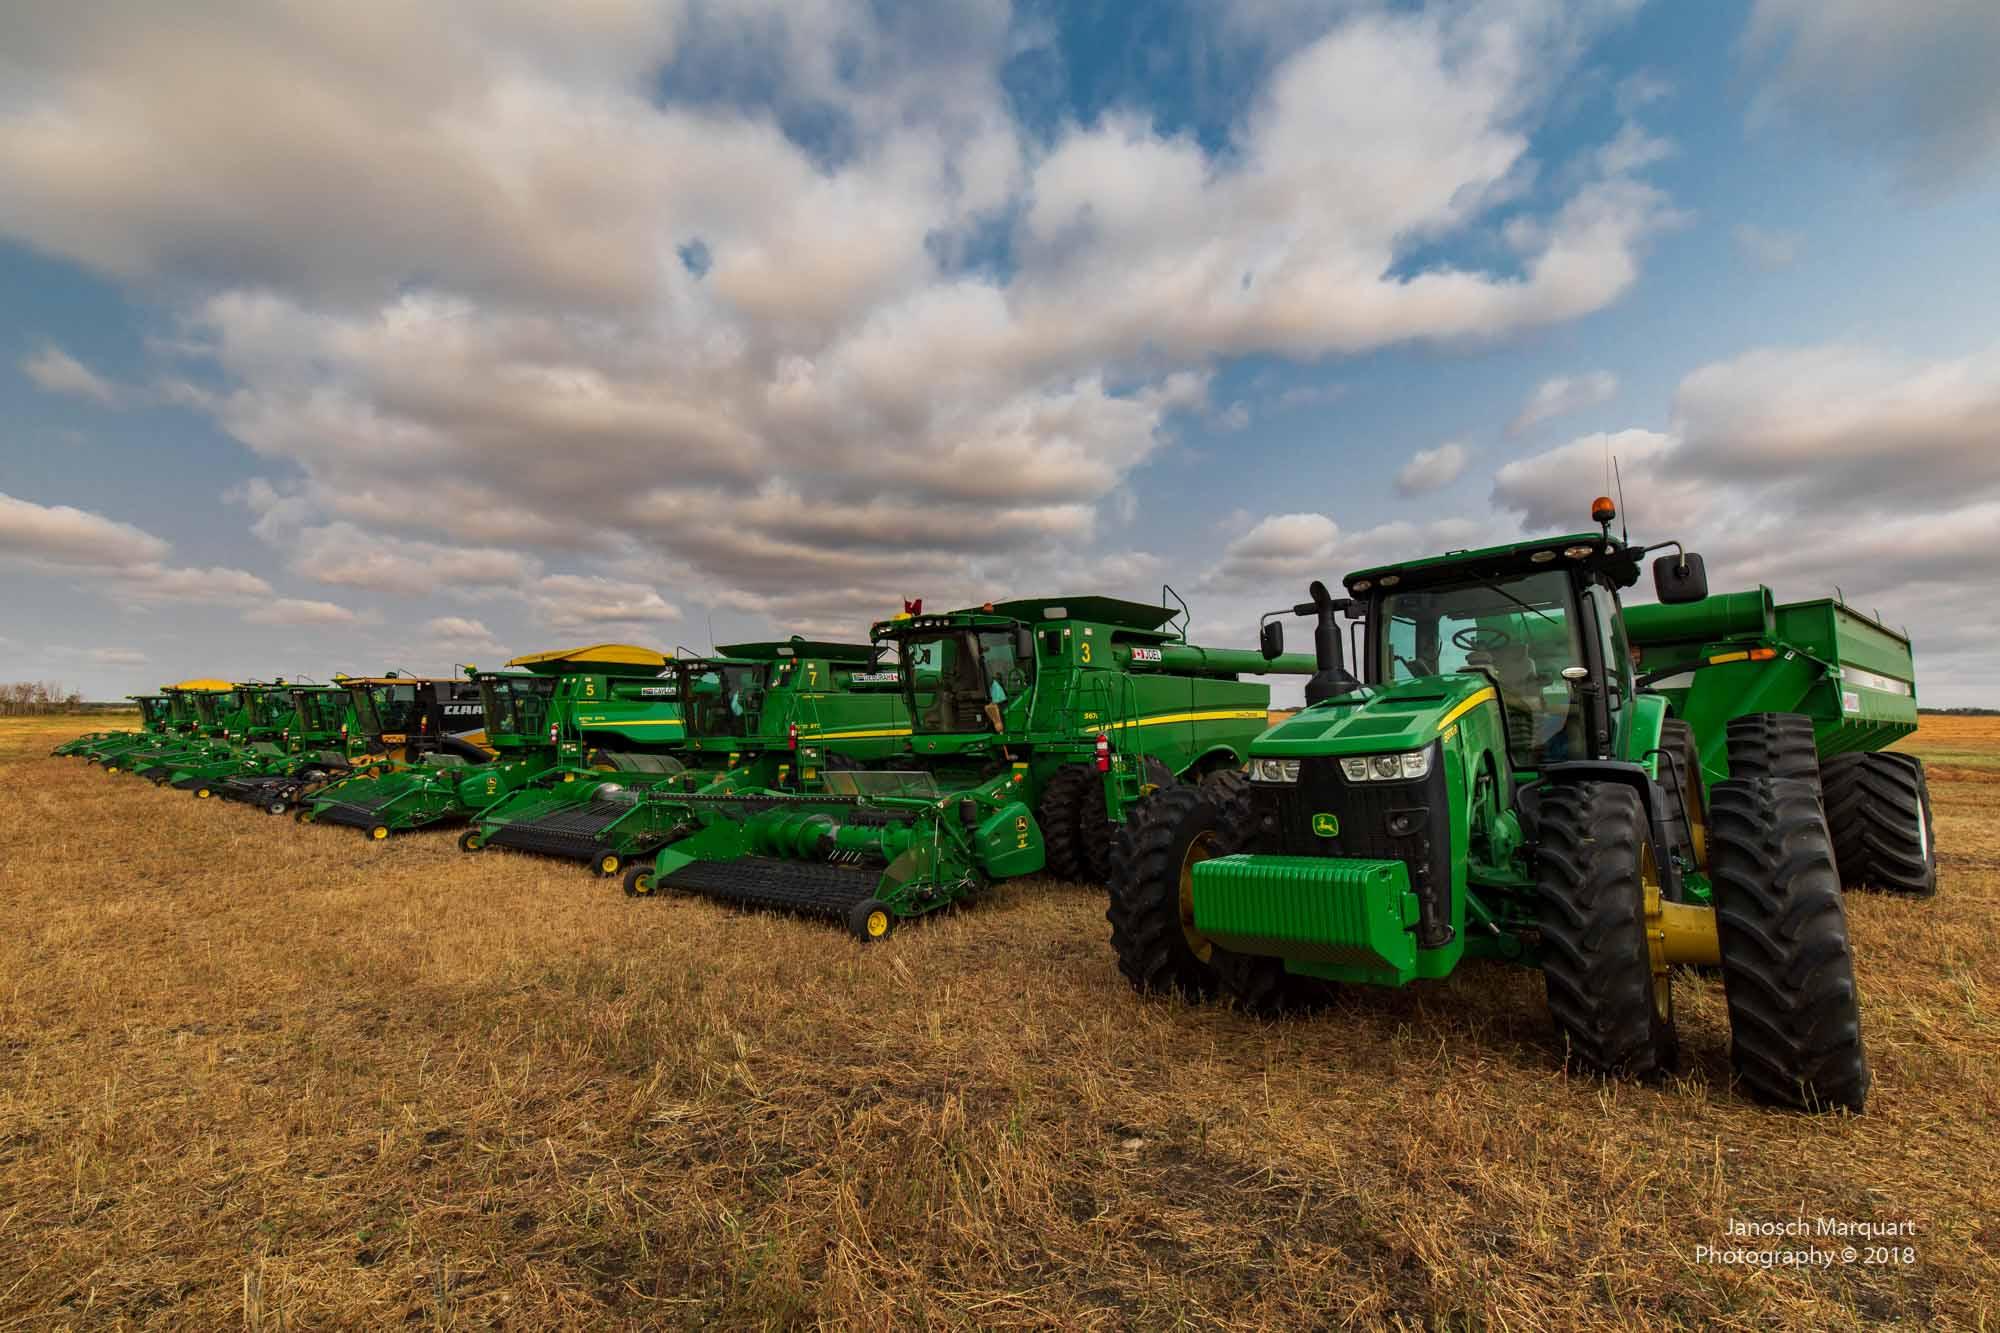 Mehrere Traktoren und Mähdrescher auf Acker.